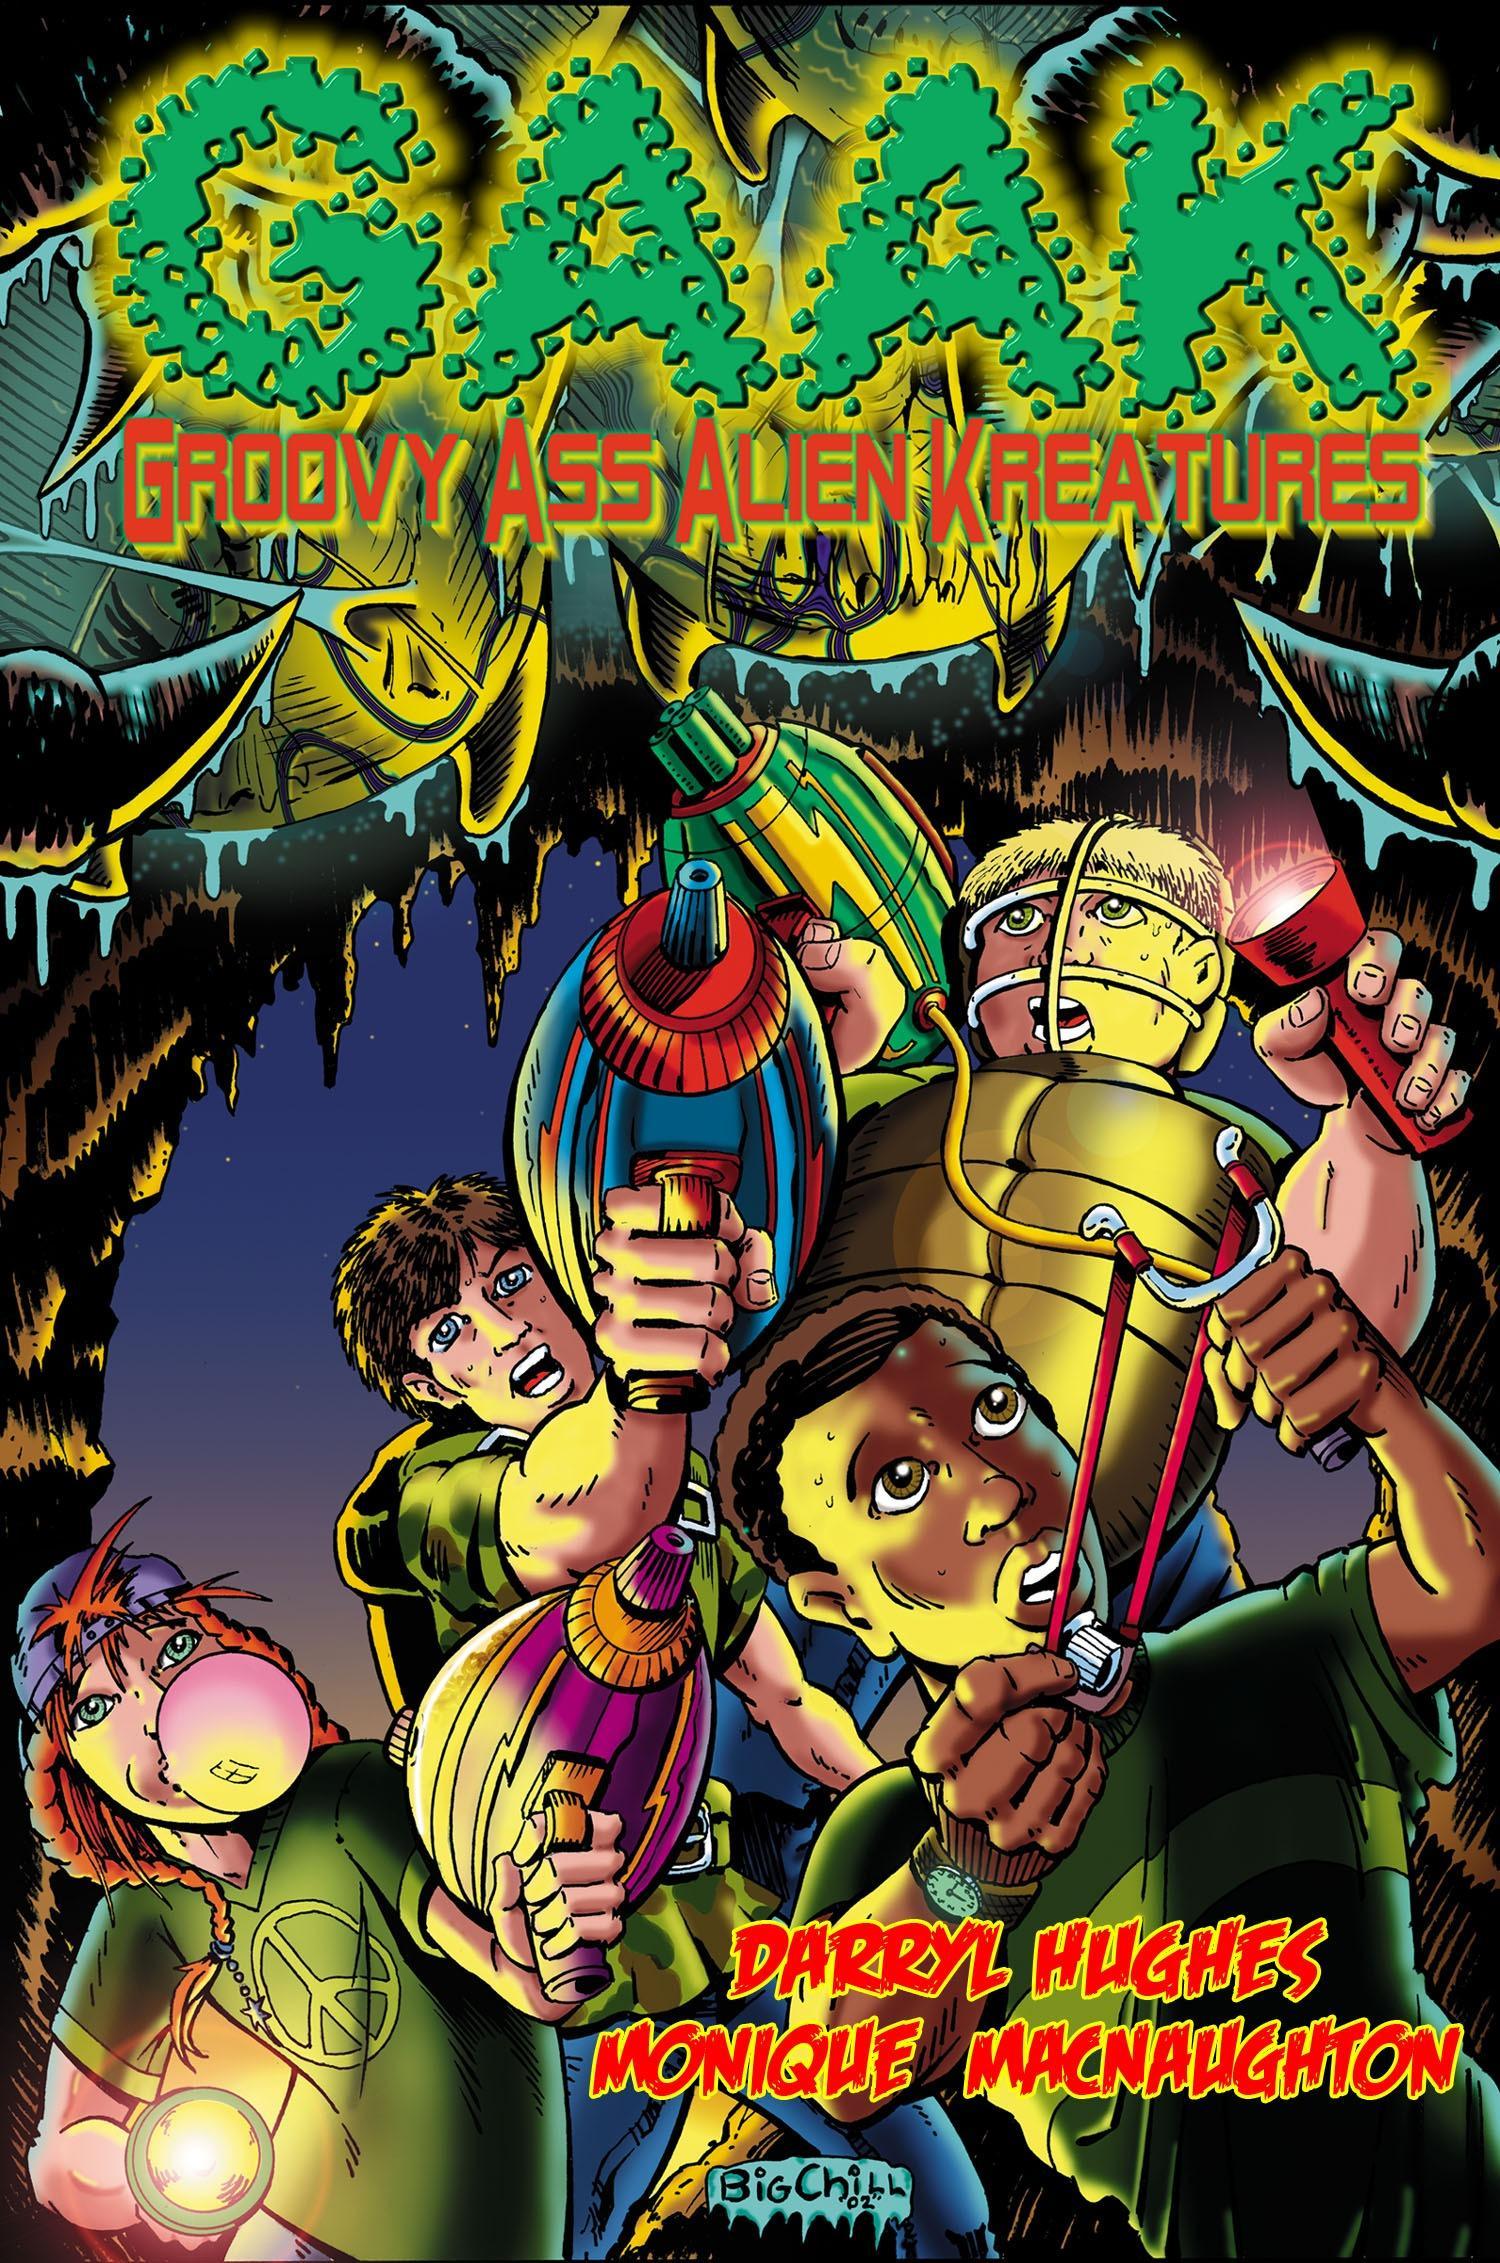 Groovy Ass Alien Kreatures EB9781609650018